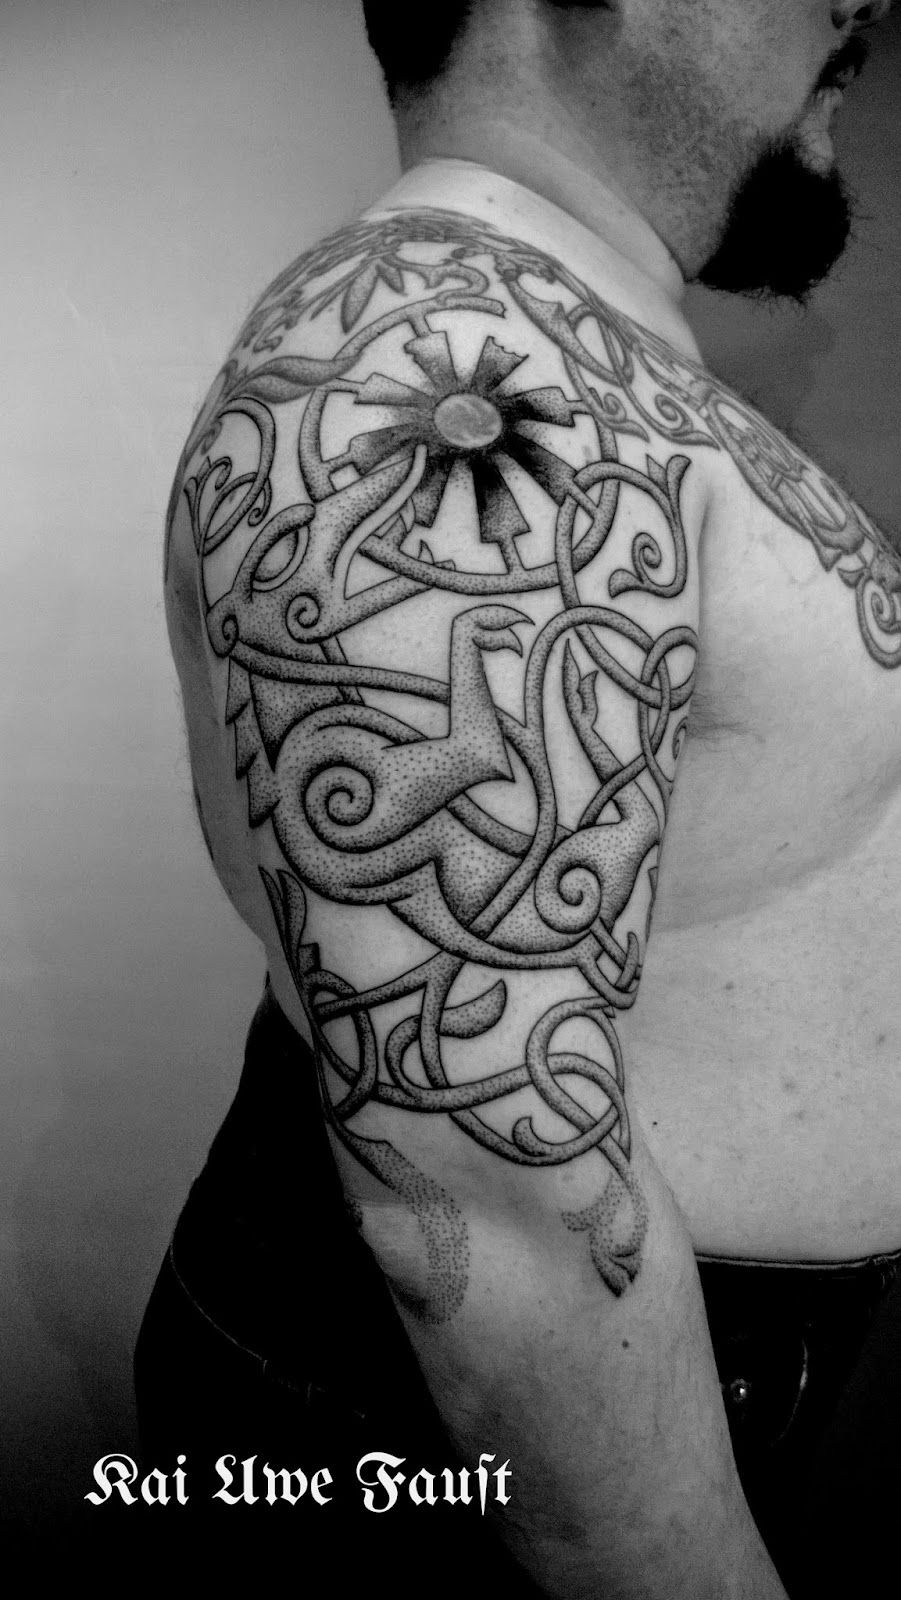 9cfd68e23 Nordic Tattoo: Black sun tattoo | lukes tats | Black sun tattoo ...